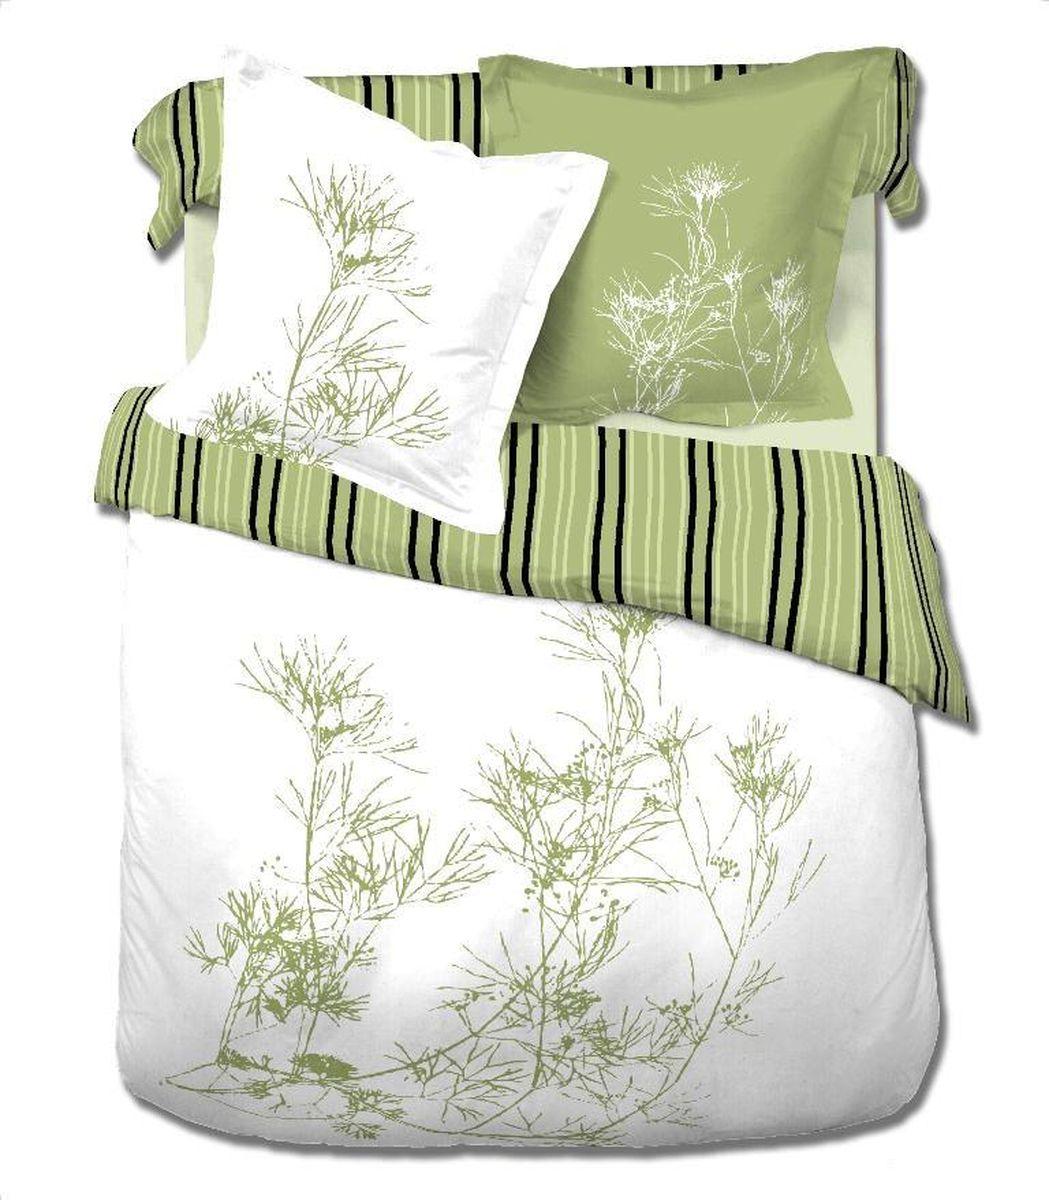 Комплект белья Le Vele Degon, 2-спальный, наволочки 50х70740/85Комплект постельного белья Le Vele Degon, выполненный из сатина (100% хлопка), создан для комфорта и роскоши. Комплект состоит из пододеяльника, простыни и 4 наволочек. Постельное белье оформлено оригинальным рисунком. Пододеяльник застегивается на кнопки, что позволяет одеялу не выпадать из него.Сатин - хлопчатобумажная ткань полотняного переплетения, одна из самых красивых, прочных и приятных телу тканей, изготовленных из натурального волокна. Благодаря своей шелковистости и блеску сатин называют хлопковым шелком.